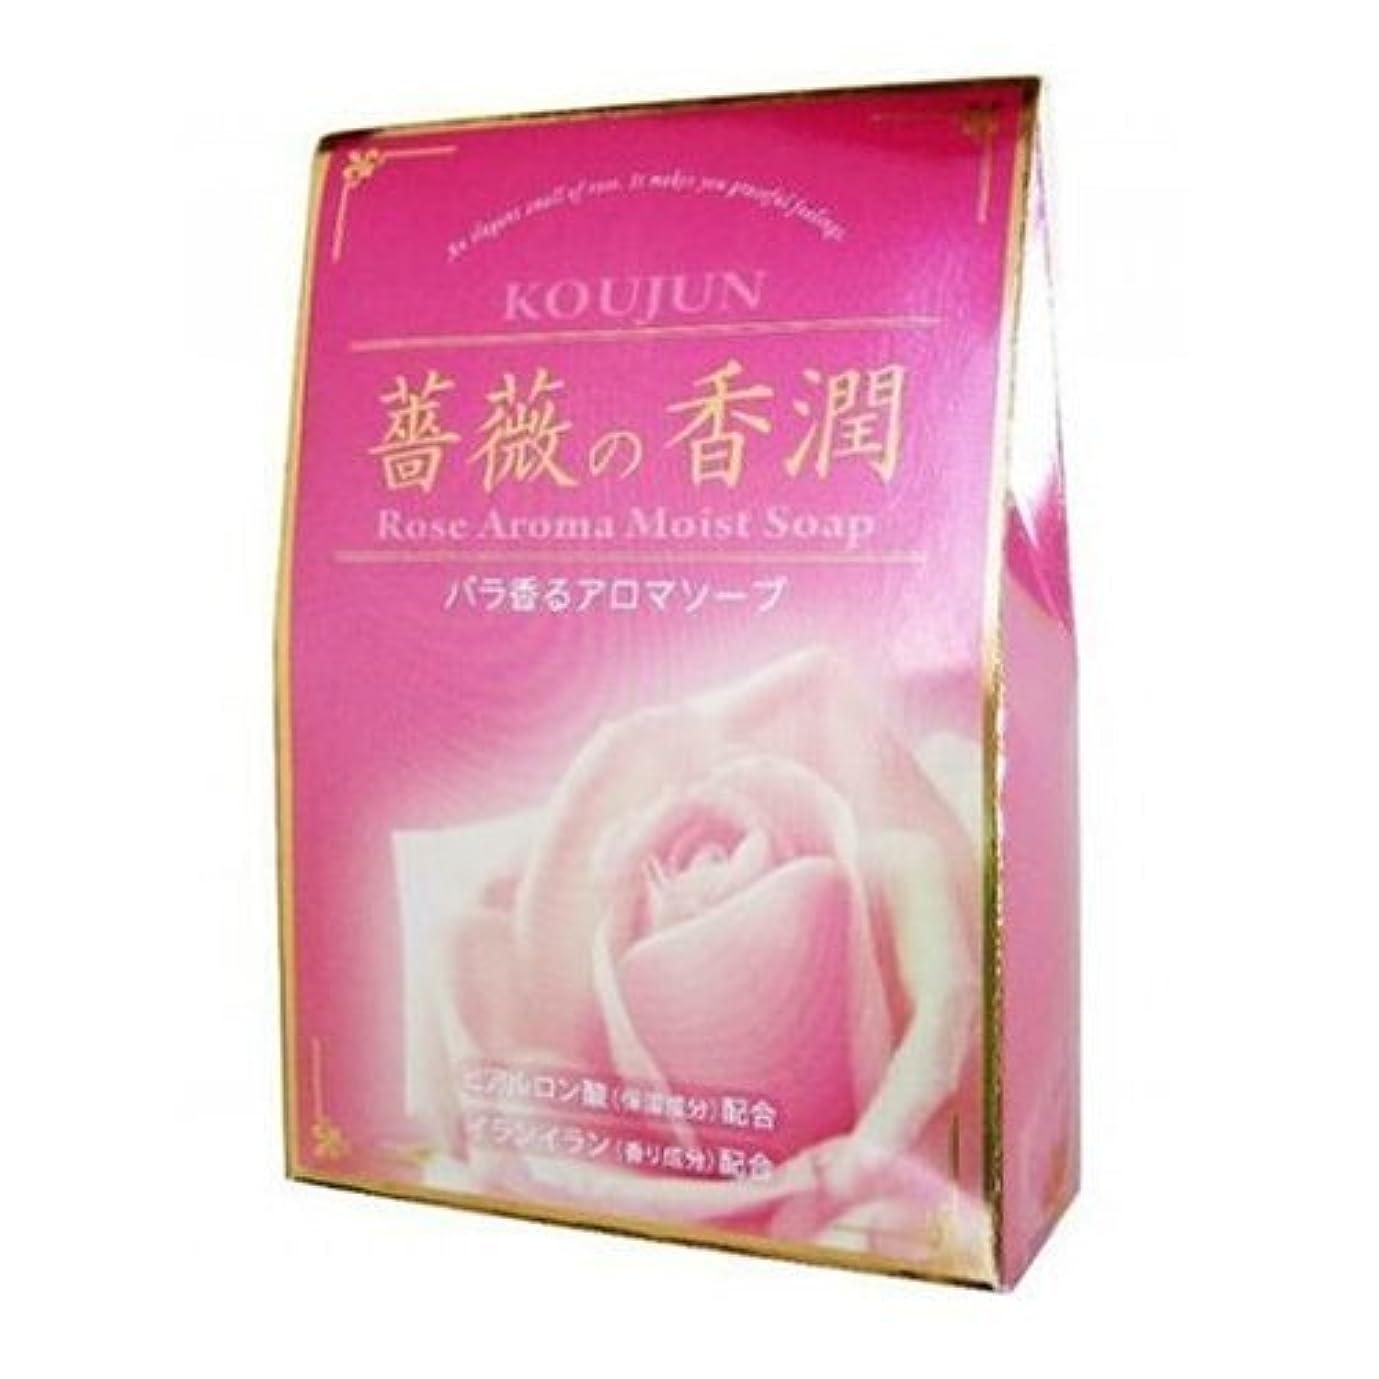 促進する残基晴れ薔薇の香潤 (泡立てネット付) 80g